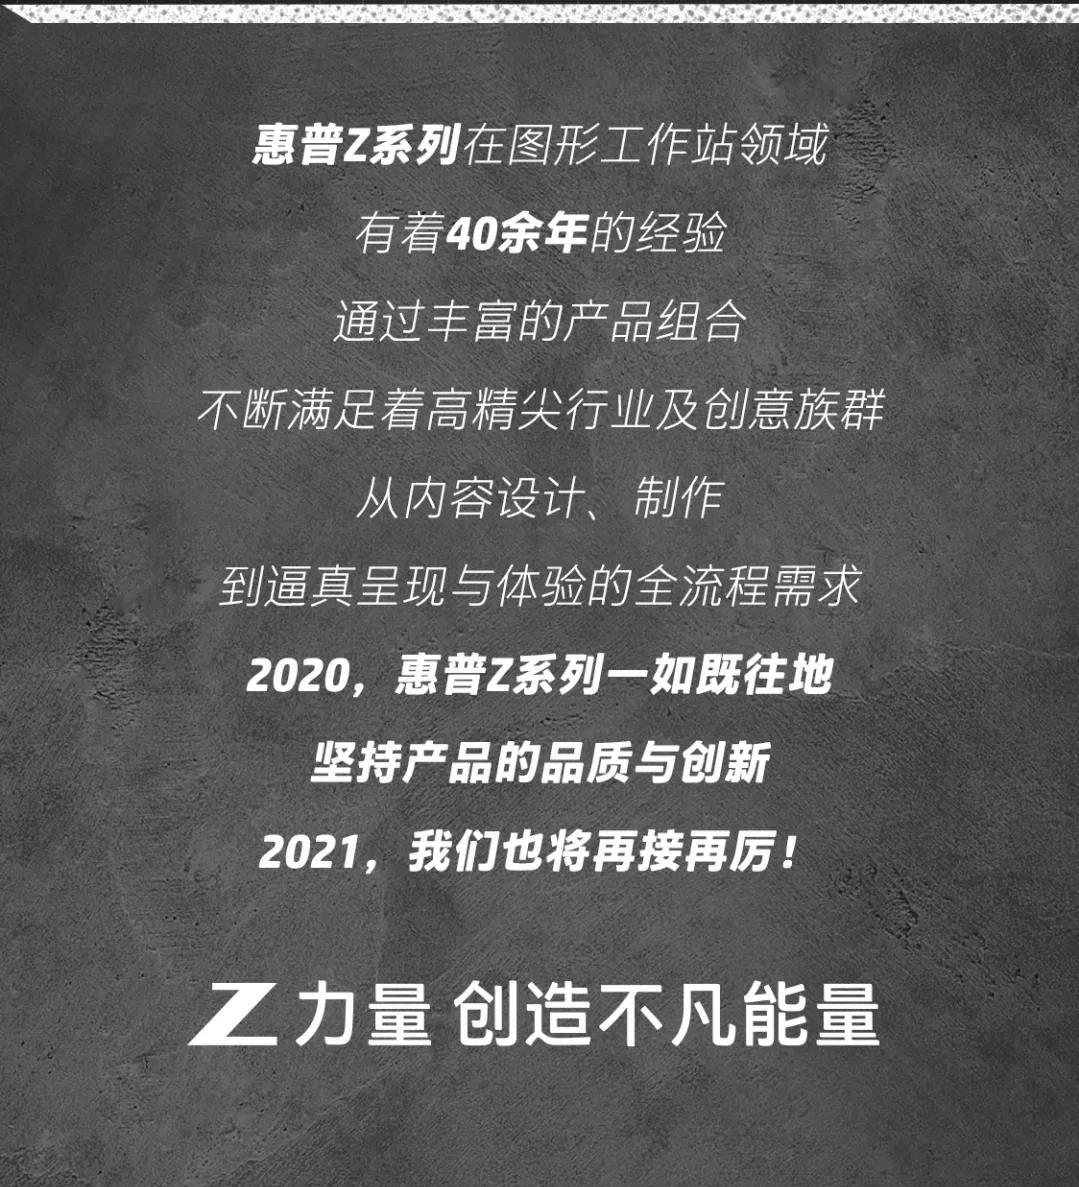 惠普Z系列新年喜报!斩获多项大奖